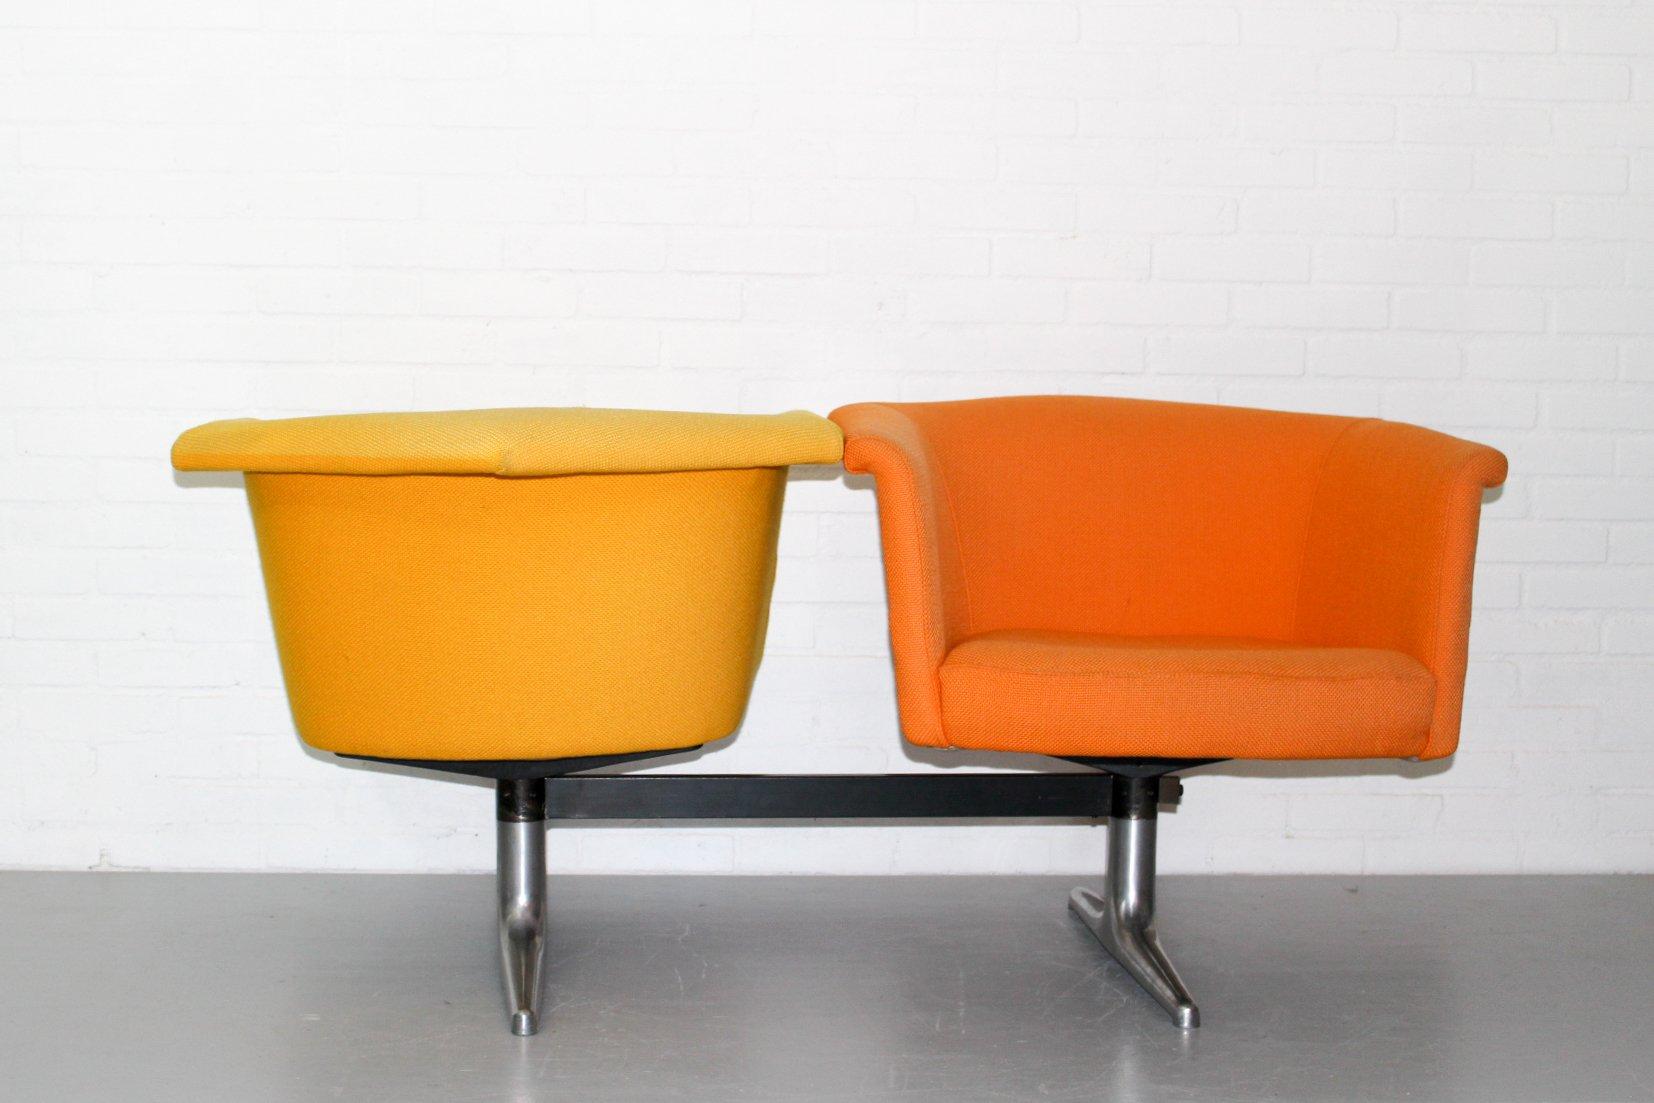 620 modulares zwei sitzer sofa von geoffrey harcourt f r artifort 1970er bei pamono kaufen. Black Bedroom Furniture Sets. Home Design Ideas